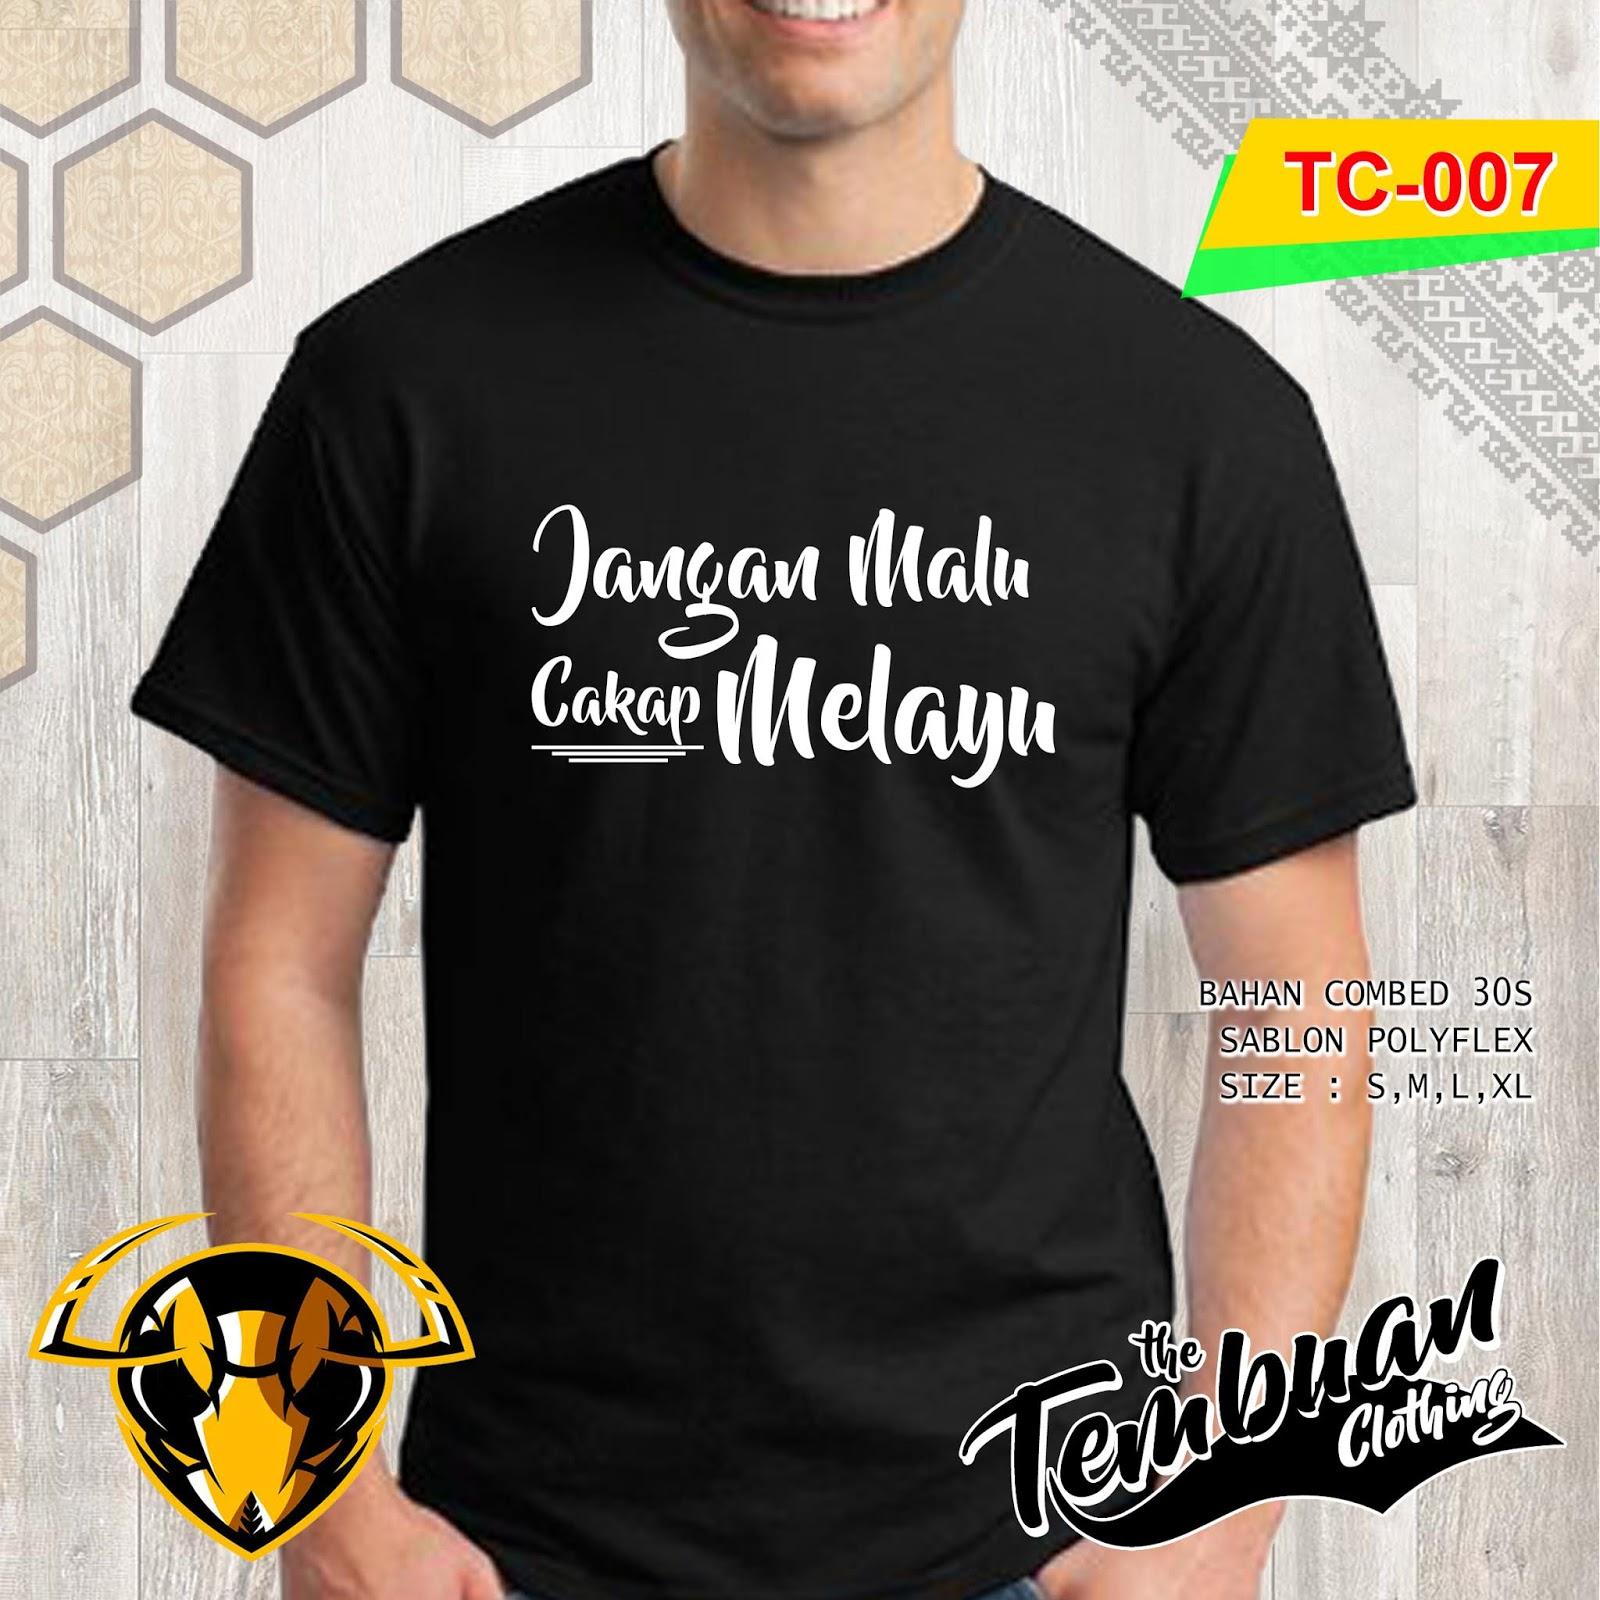 Tembuan Clothing - TC-007 (Jangan Malu Cakap Melayu)